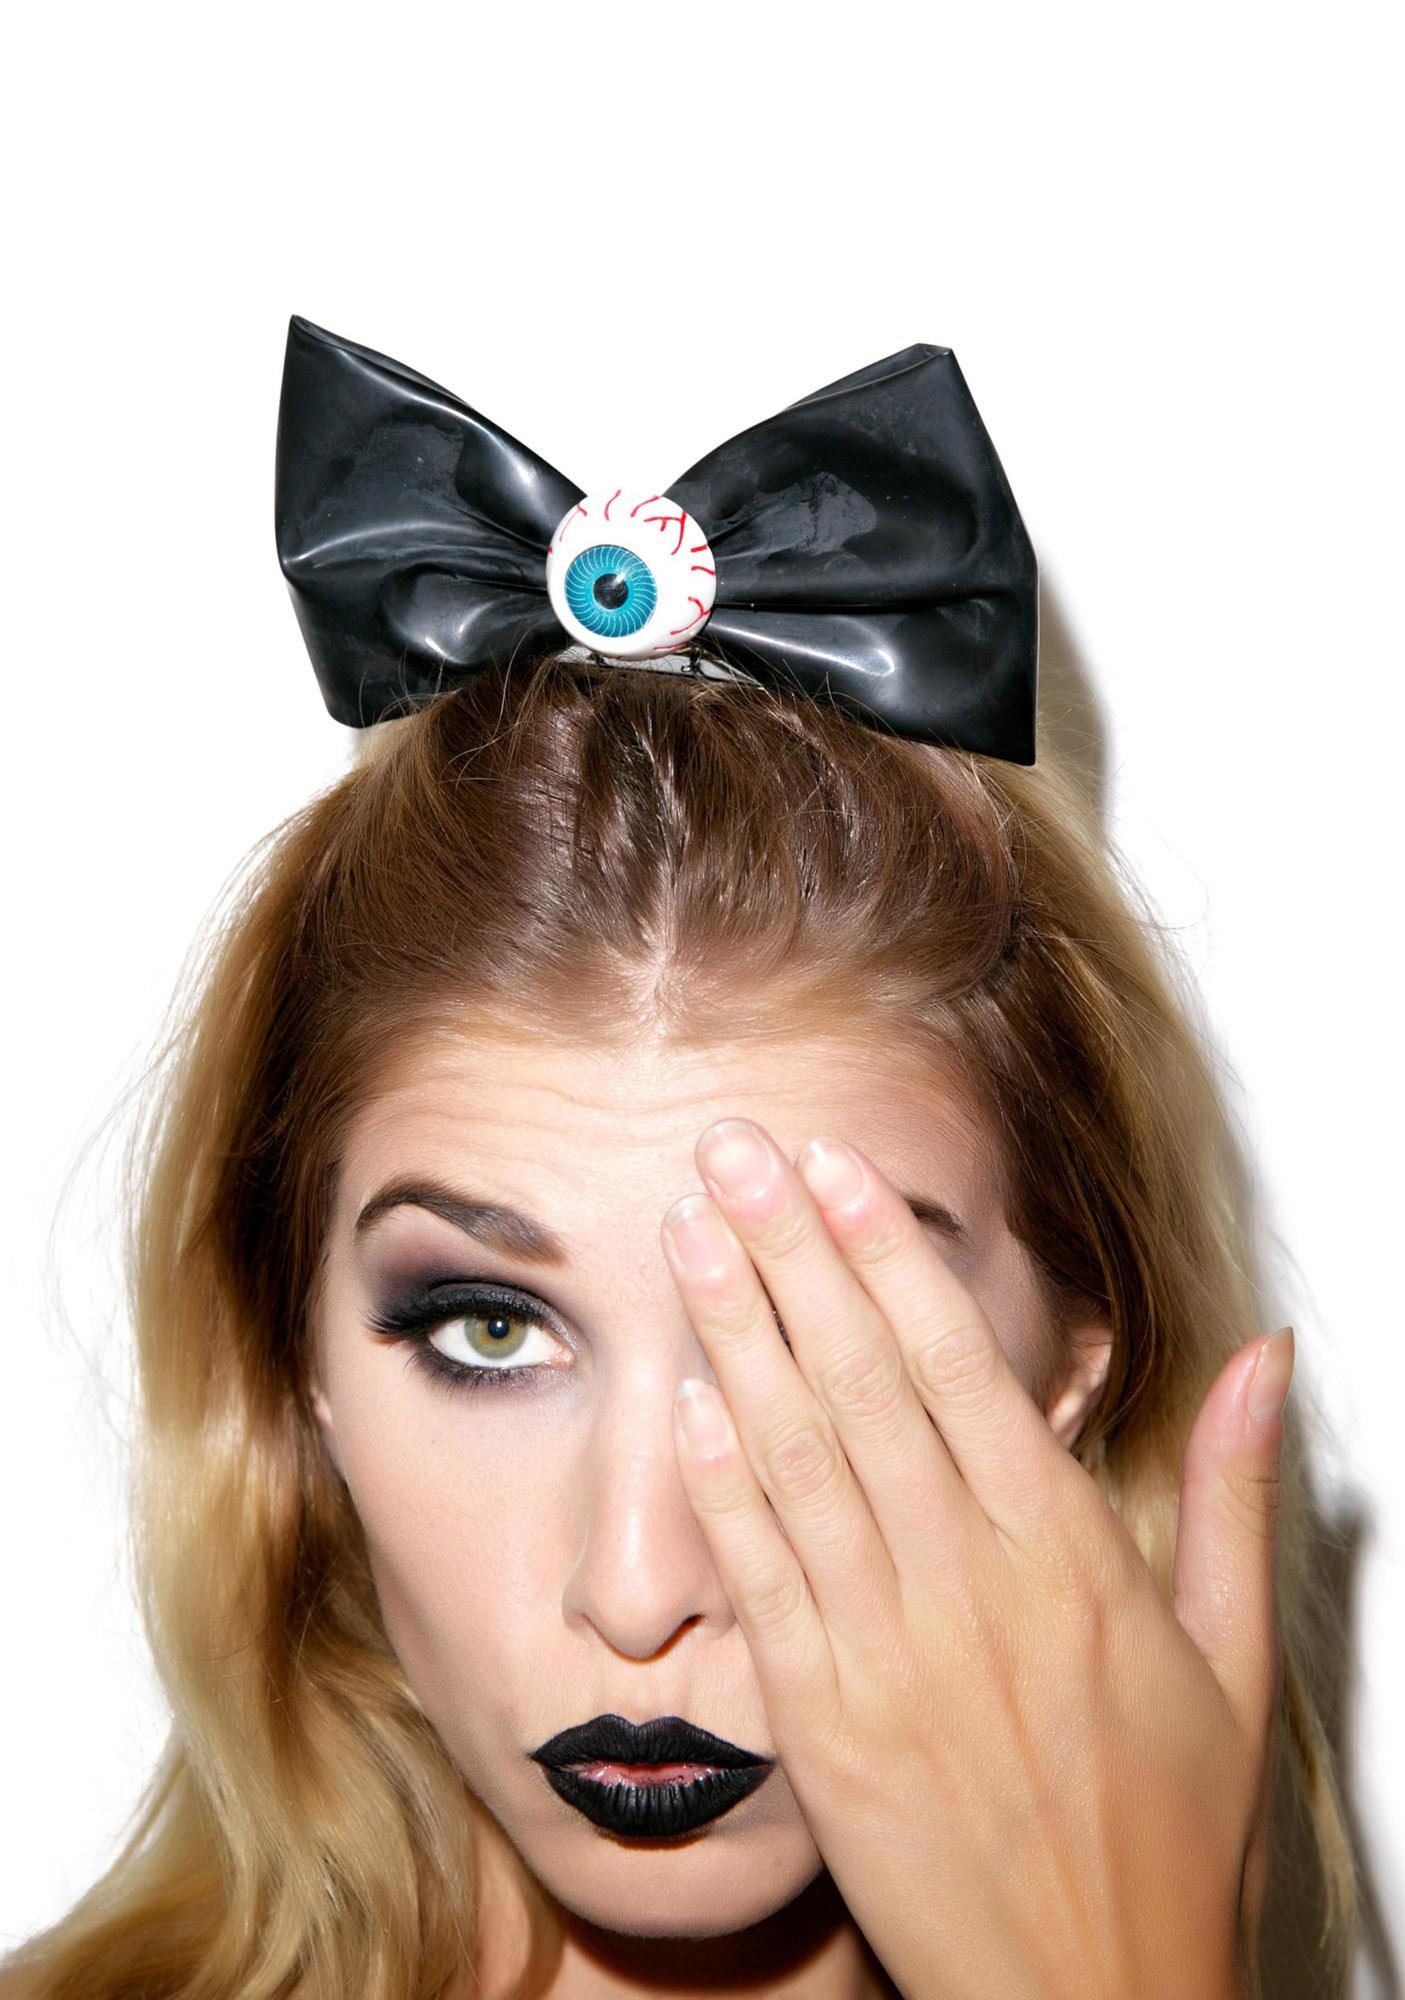 Kreepsville 666 Eye Be Ballin' Hairbow Slide